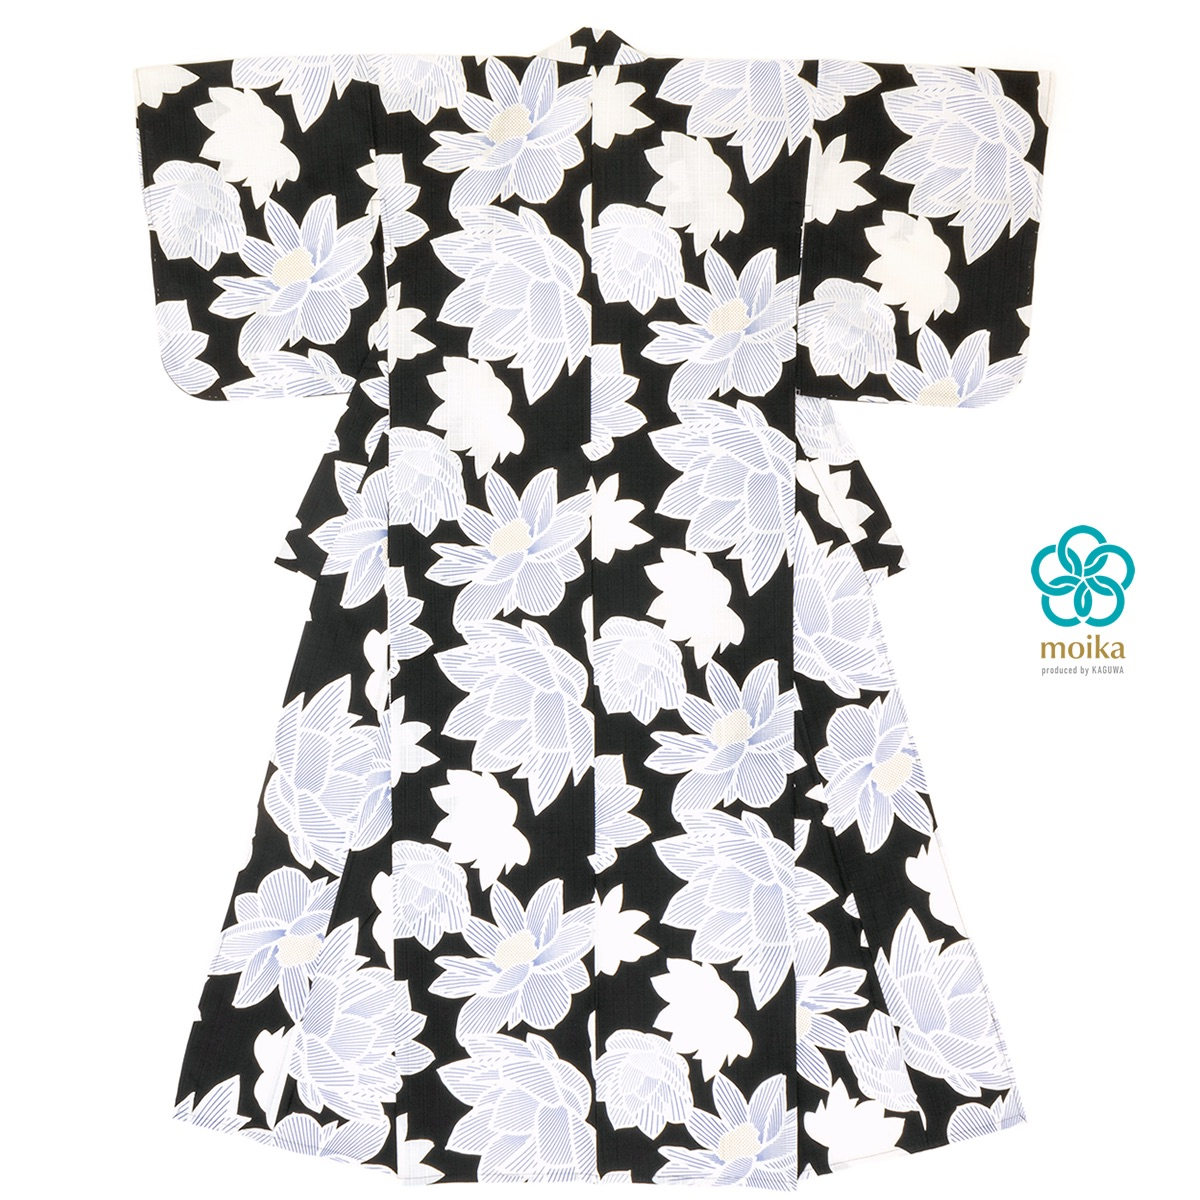 moika 浴衣 レディース 単品 Mサイズ レトロ 黒 ブラック 蓮 花 フラワー 衿芯付き 女性用 仕立て上がり